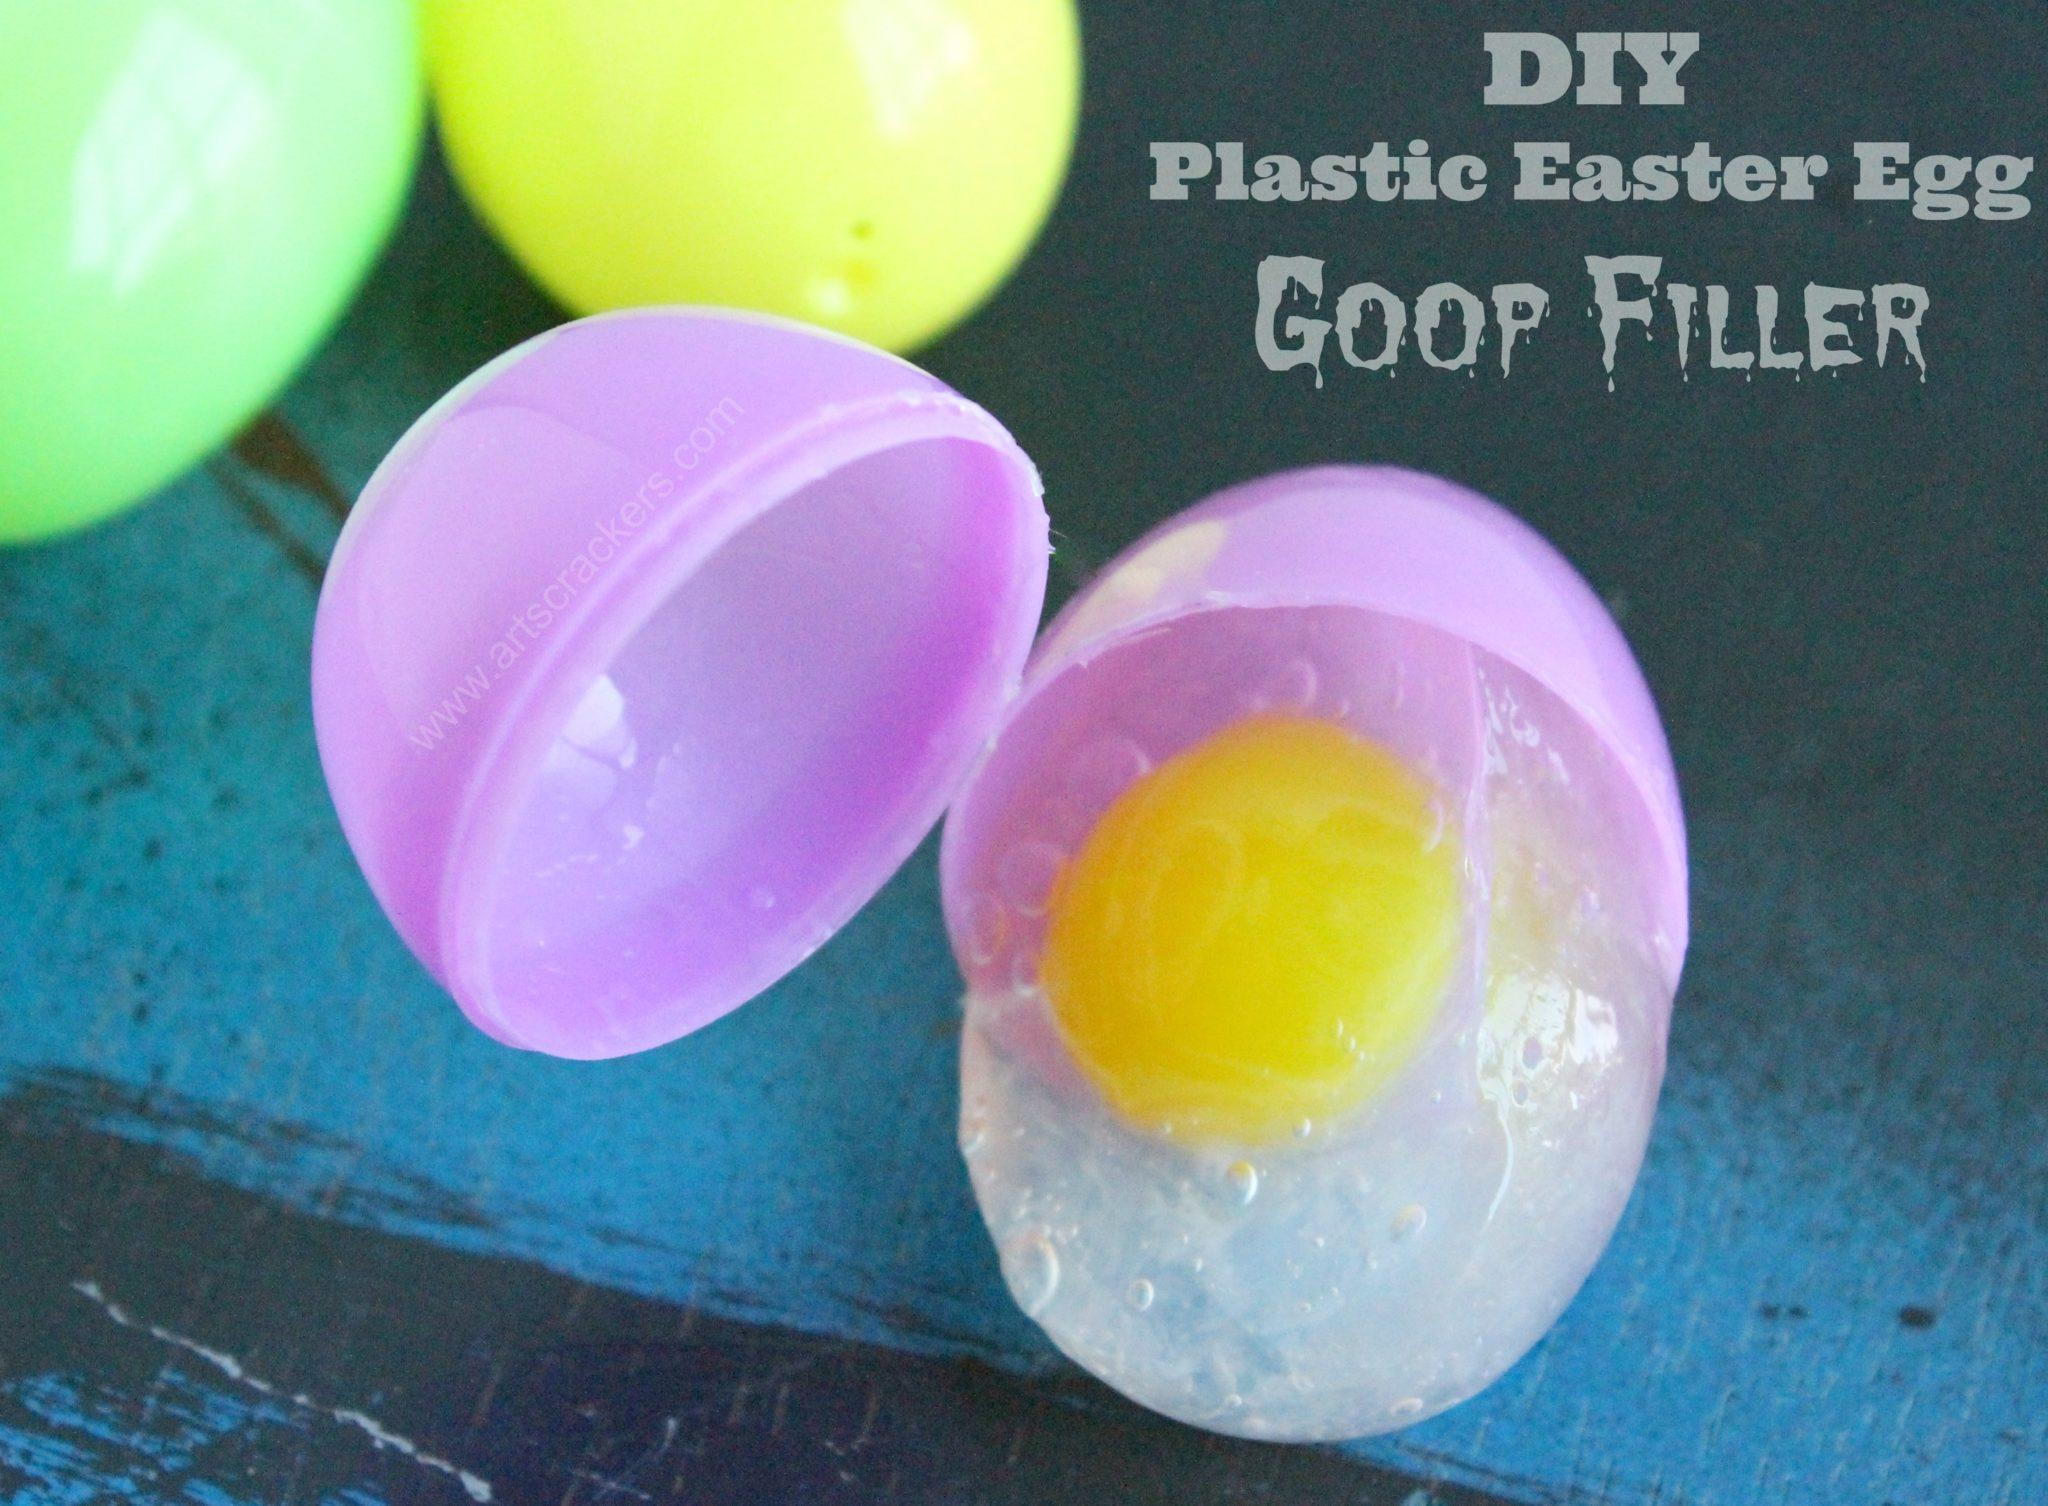 plastic easter egg goop filler